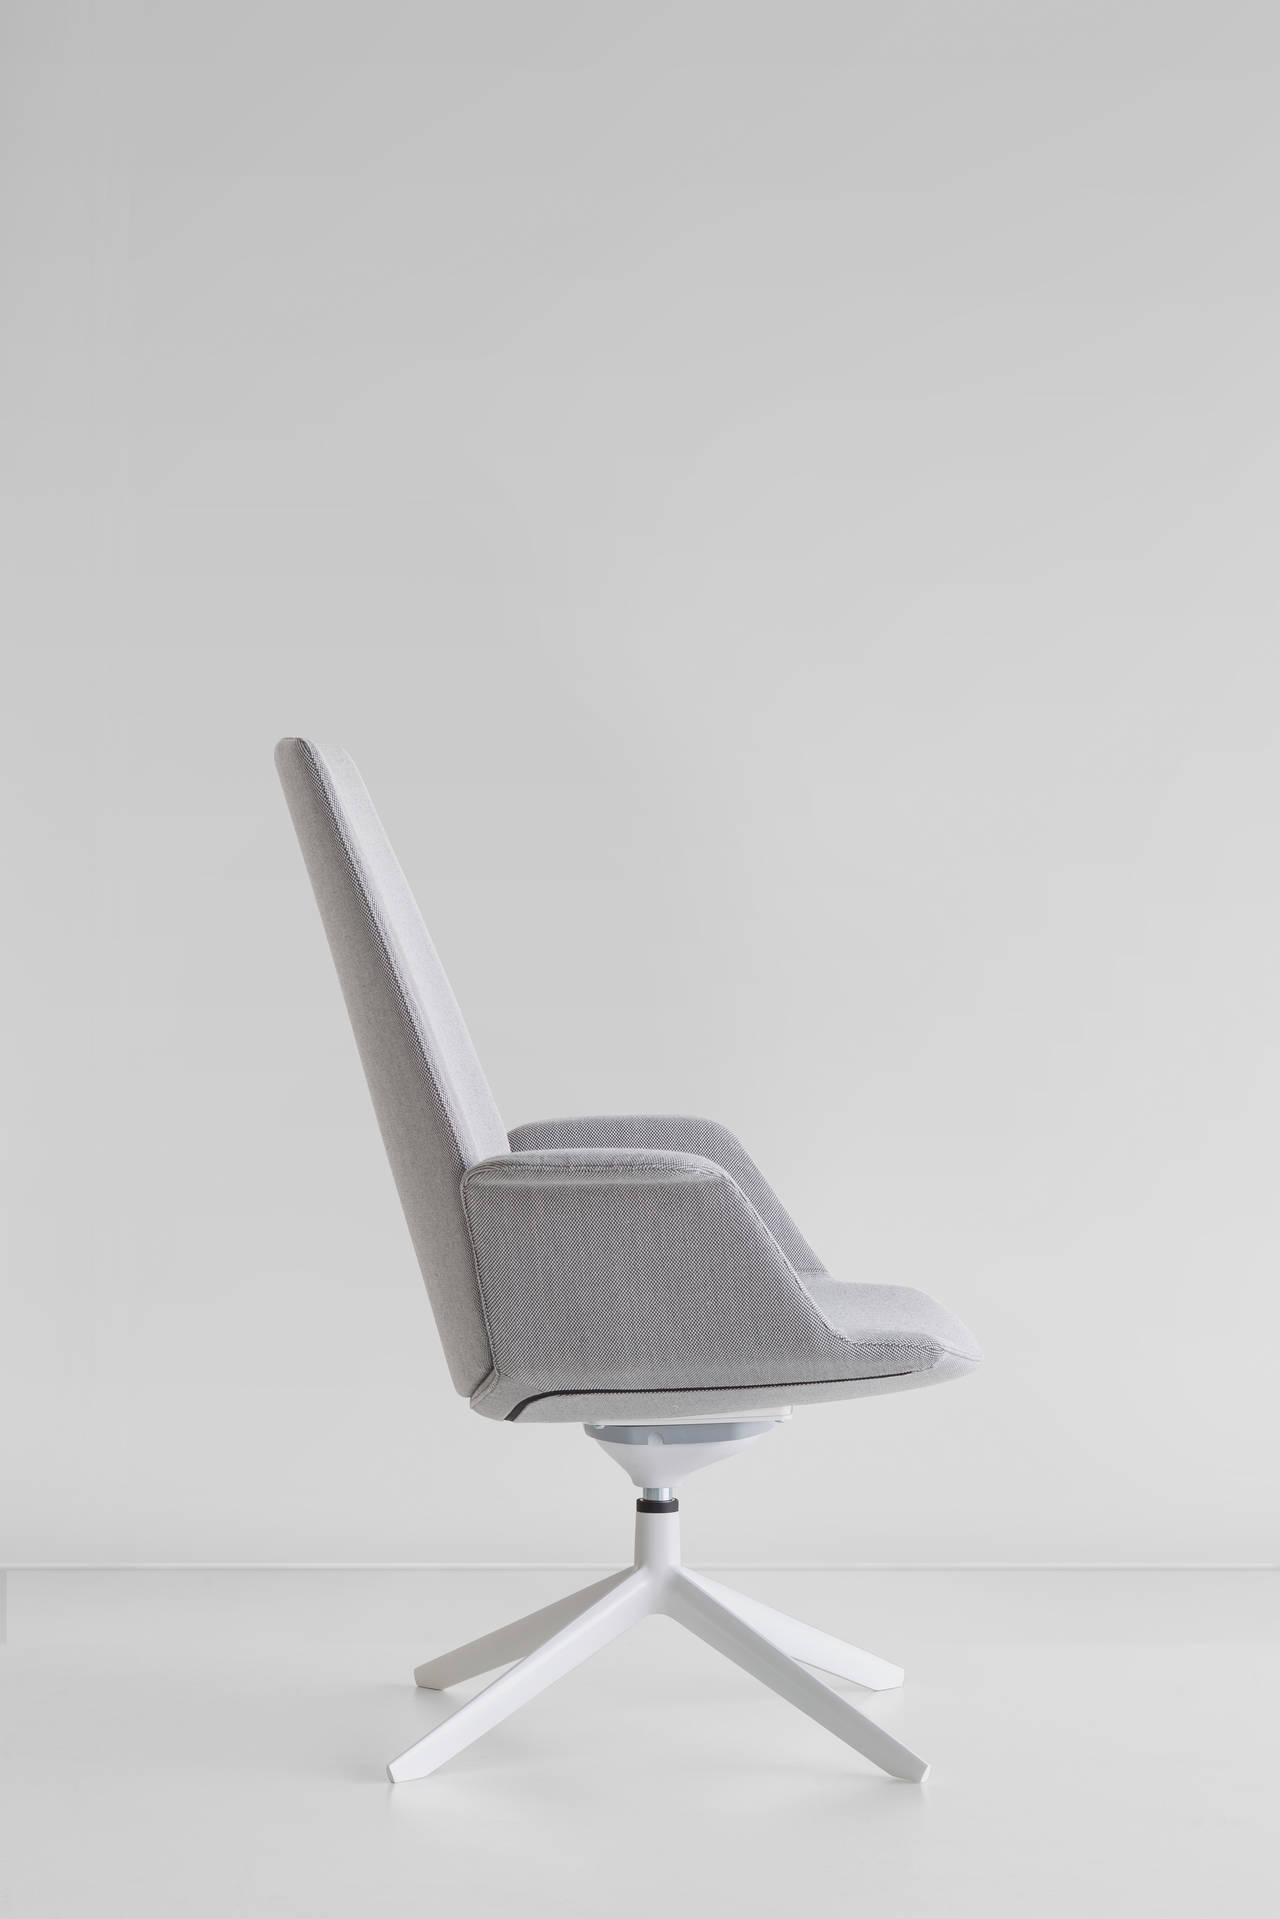 UNO la nuova seduta modulare di Lapalma